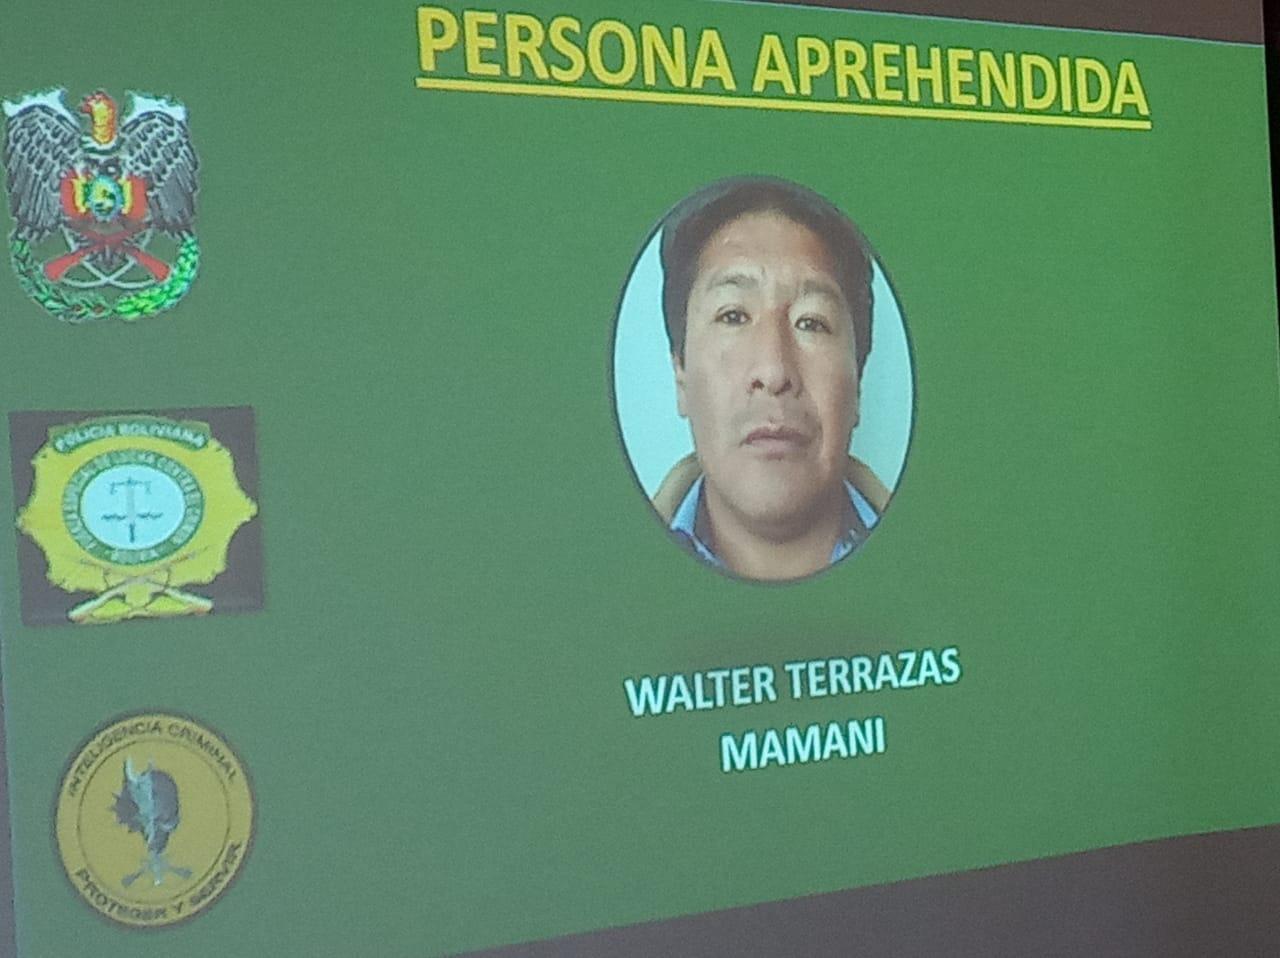 Policía aprehende a supuesto dirigente del MAS que estafaba a personas al ofrecerles cargos en instituciones públicas